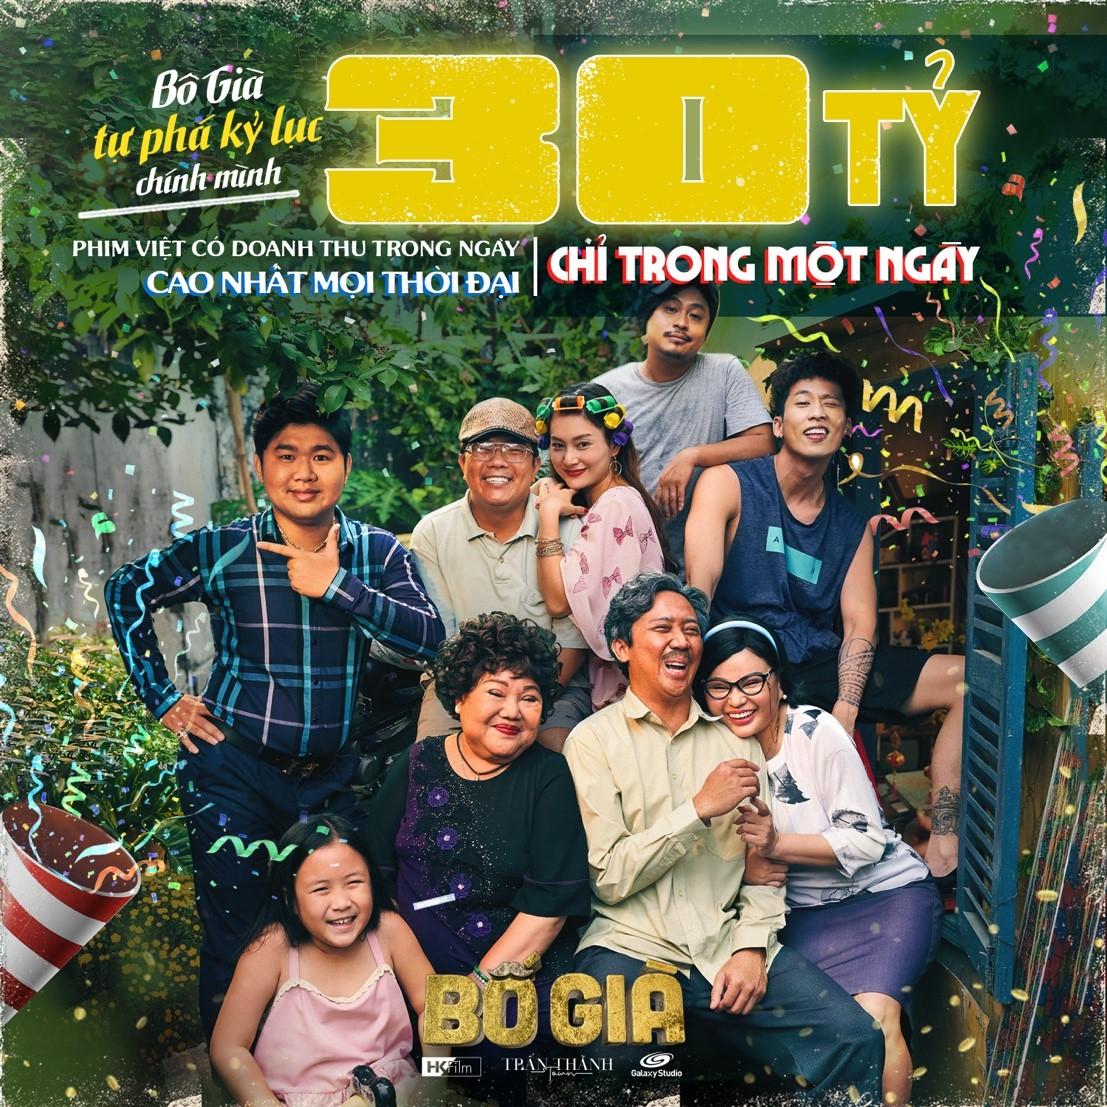 Ngày chiếu sớm thứ hai, Bố Già thu về 30 tỷ - tự phá vỡ kỷ lục phòng vé của chính mình, tiếp tục nắm giữ ngôi vương phim Việt - Hình 1